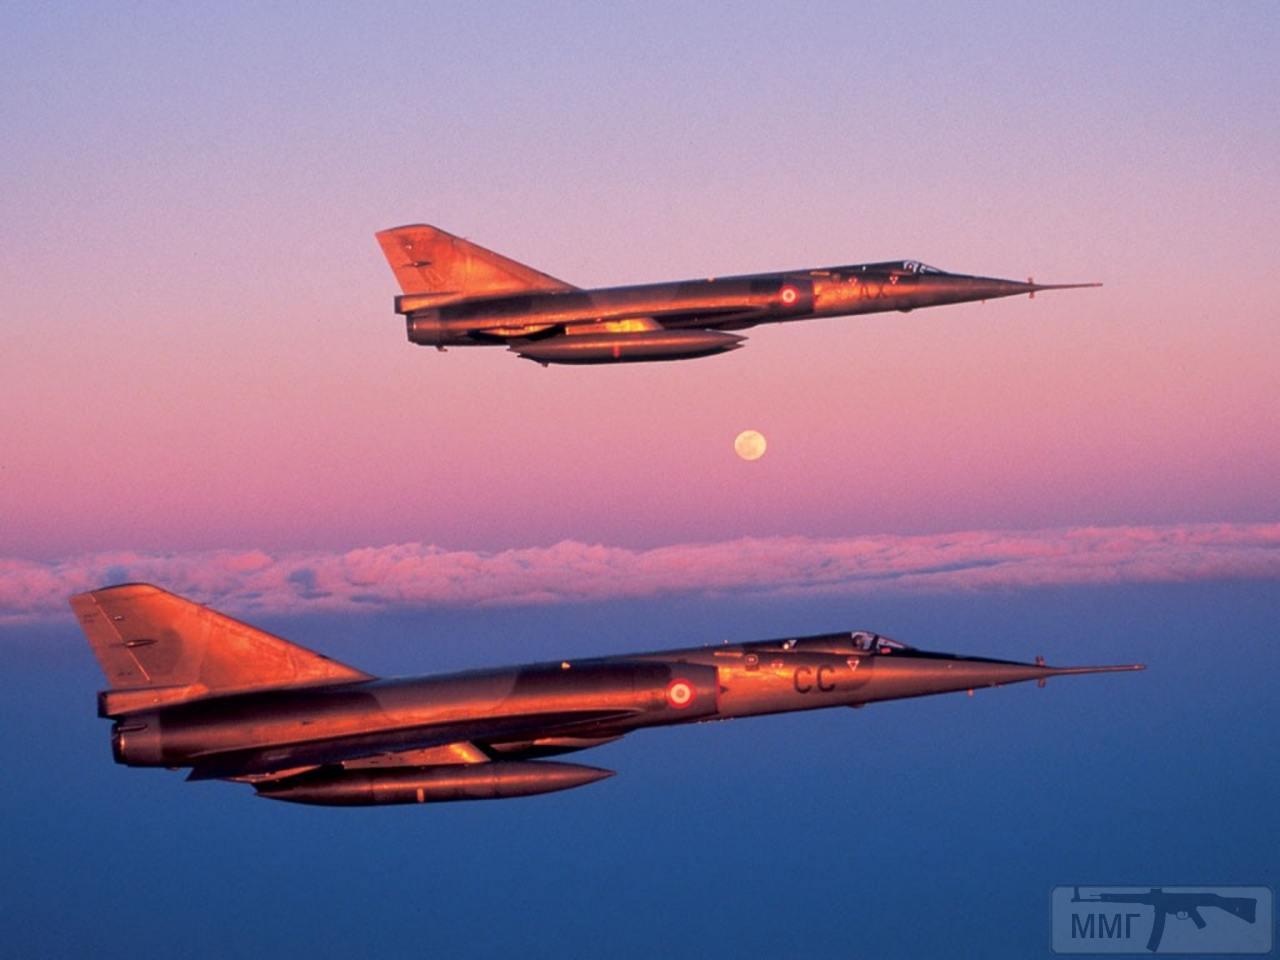 112592 - Красивые фото и видео боевых самолетов и вертолетов